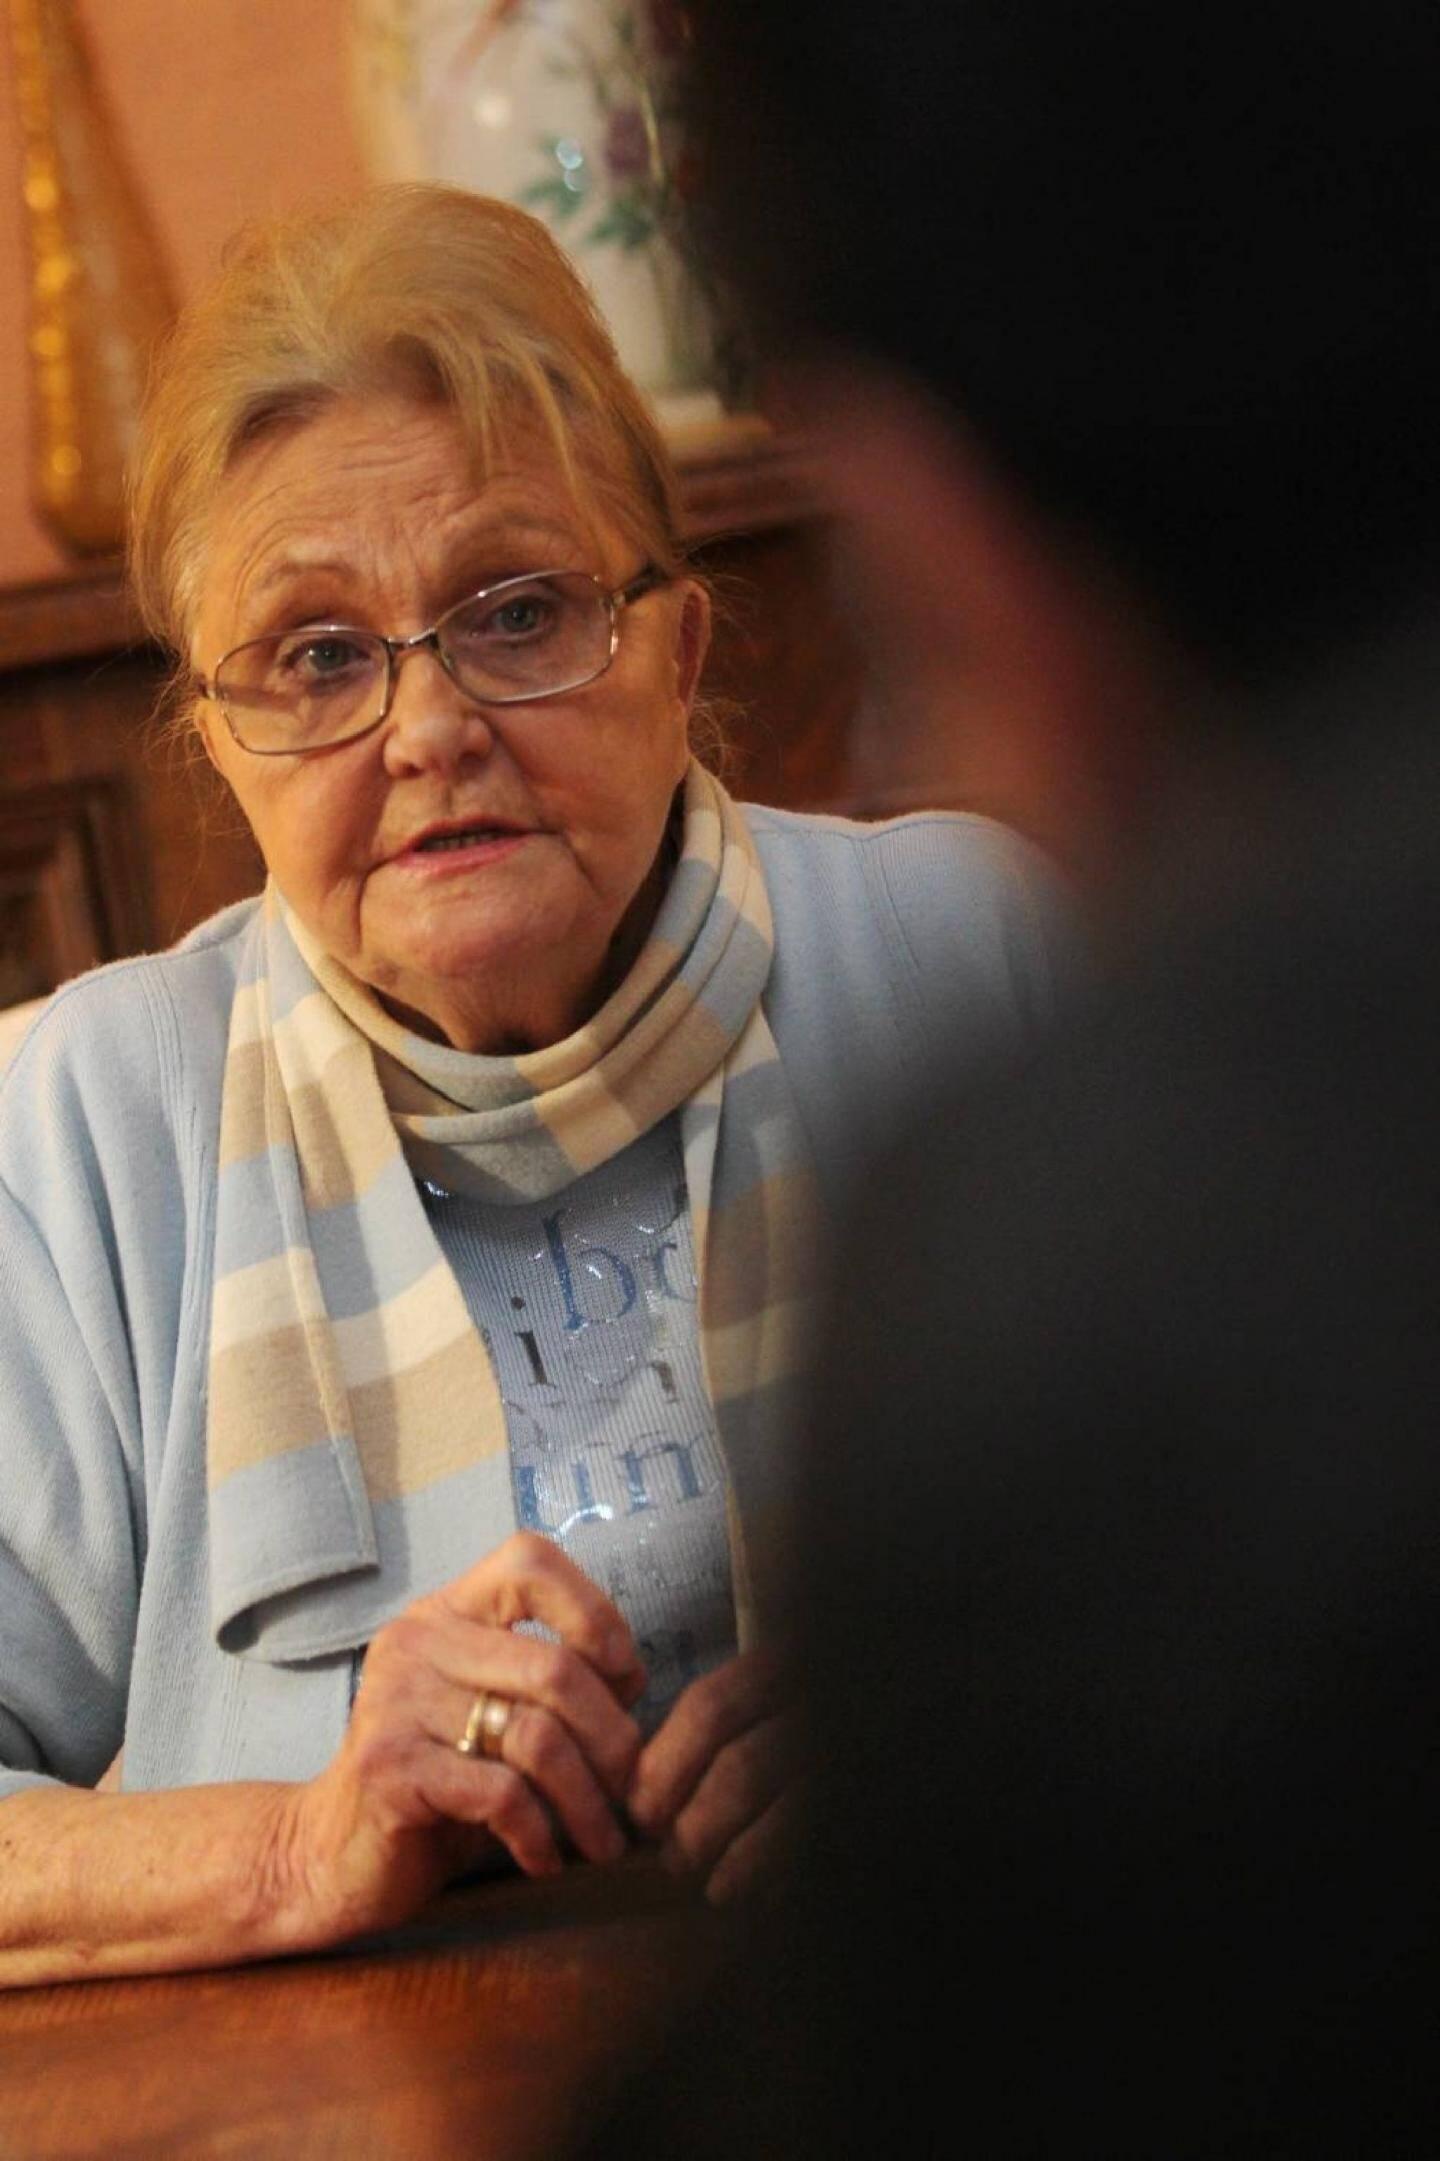 Luce Ferron, 73 ans, compte sur Marine Le Pen pour défendre l'identité française.